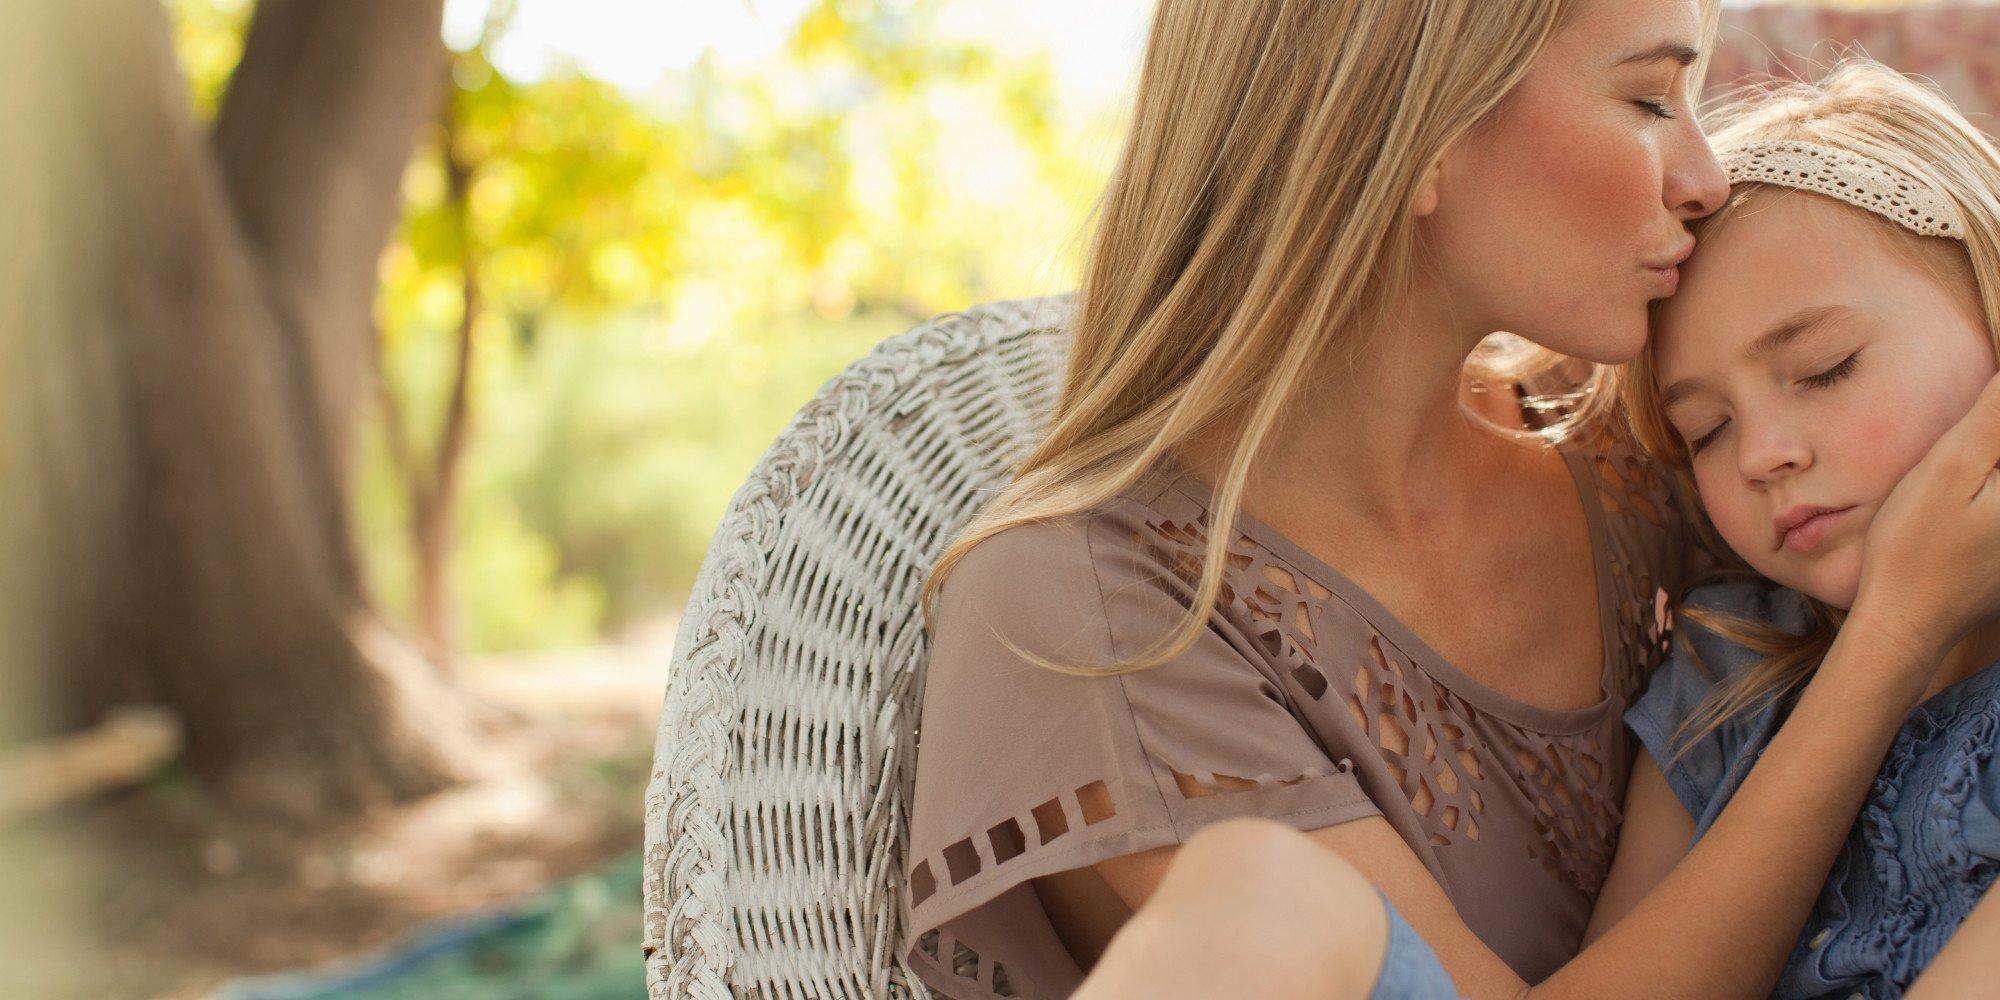 társkereső oldalak egyedülálló szülők uk ingyenes kanadai herpes társkereső oldalak